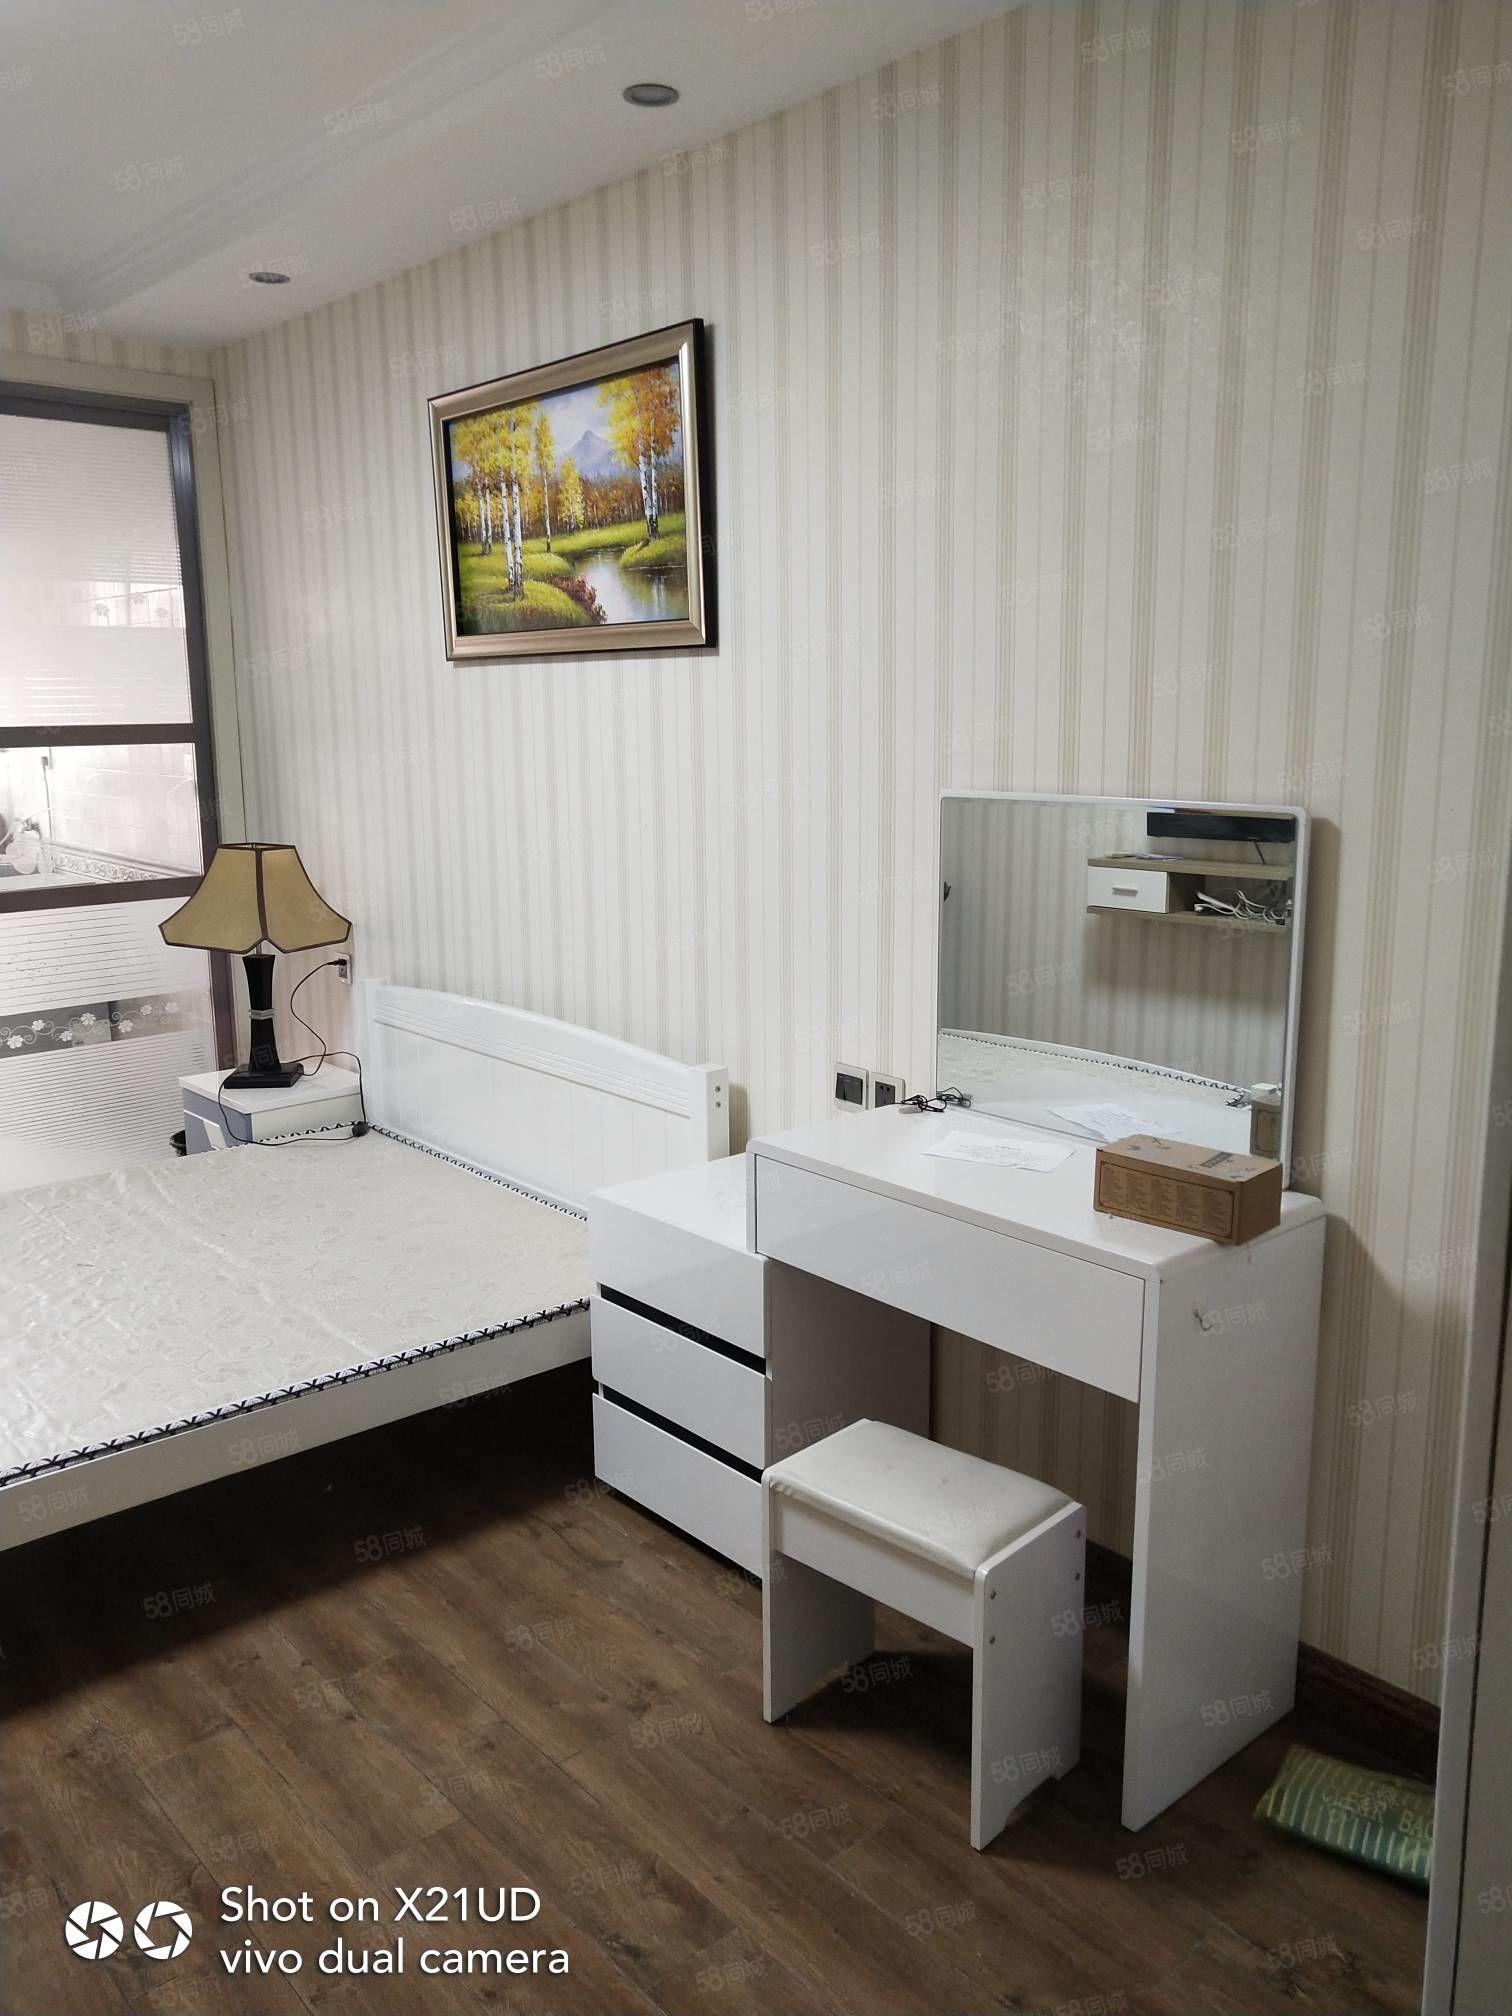 香檀山公寓,新上房源,豪华装修,一室一厅,家电齐全,拎包入住